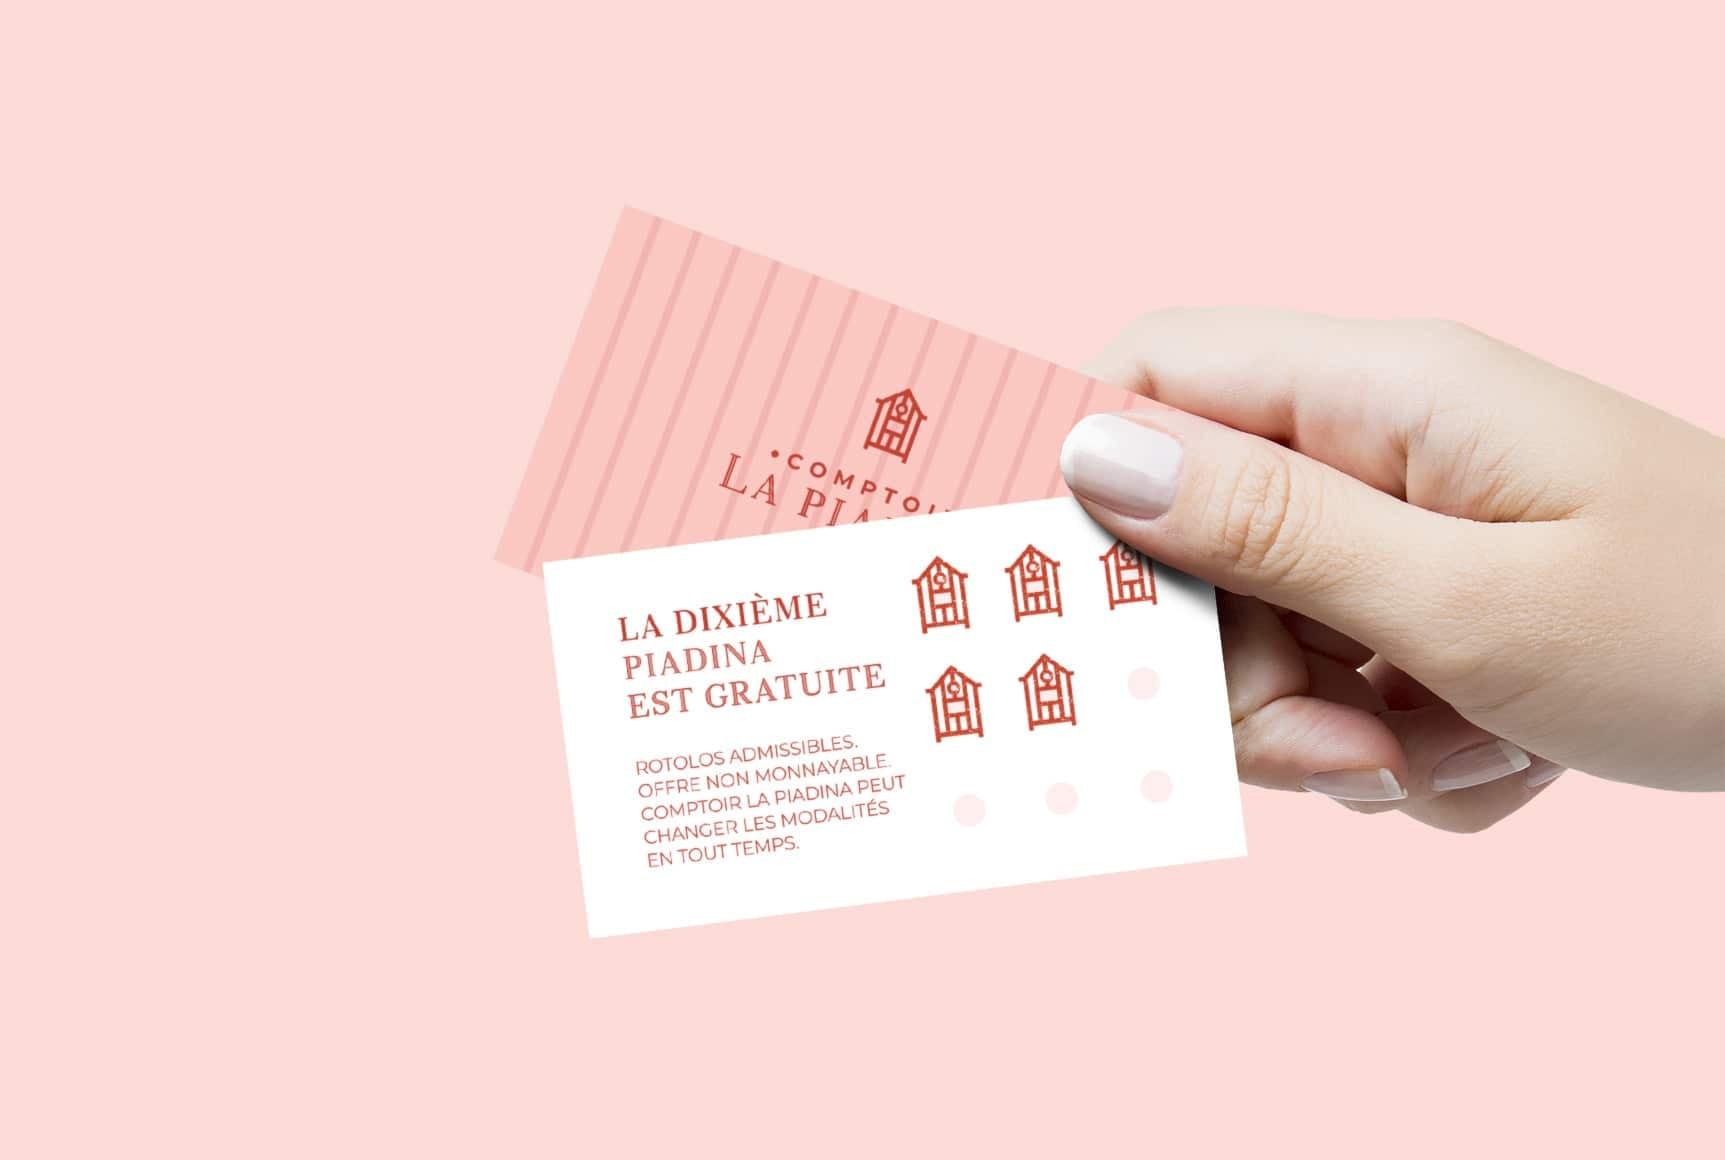 La carte fidélité qui vous offre une piadina gratuite! | Comptoir La Piadina